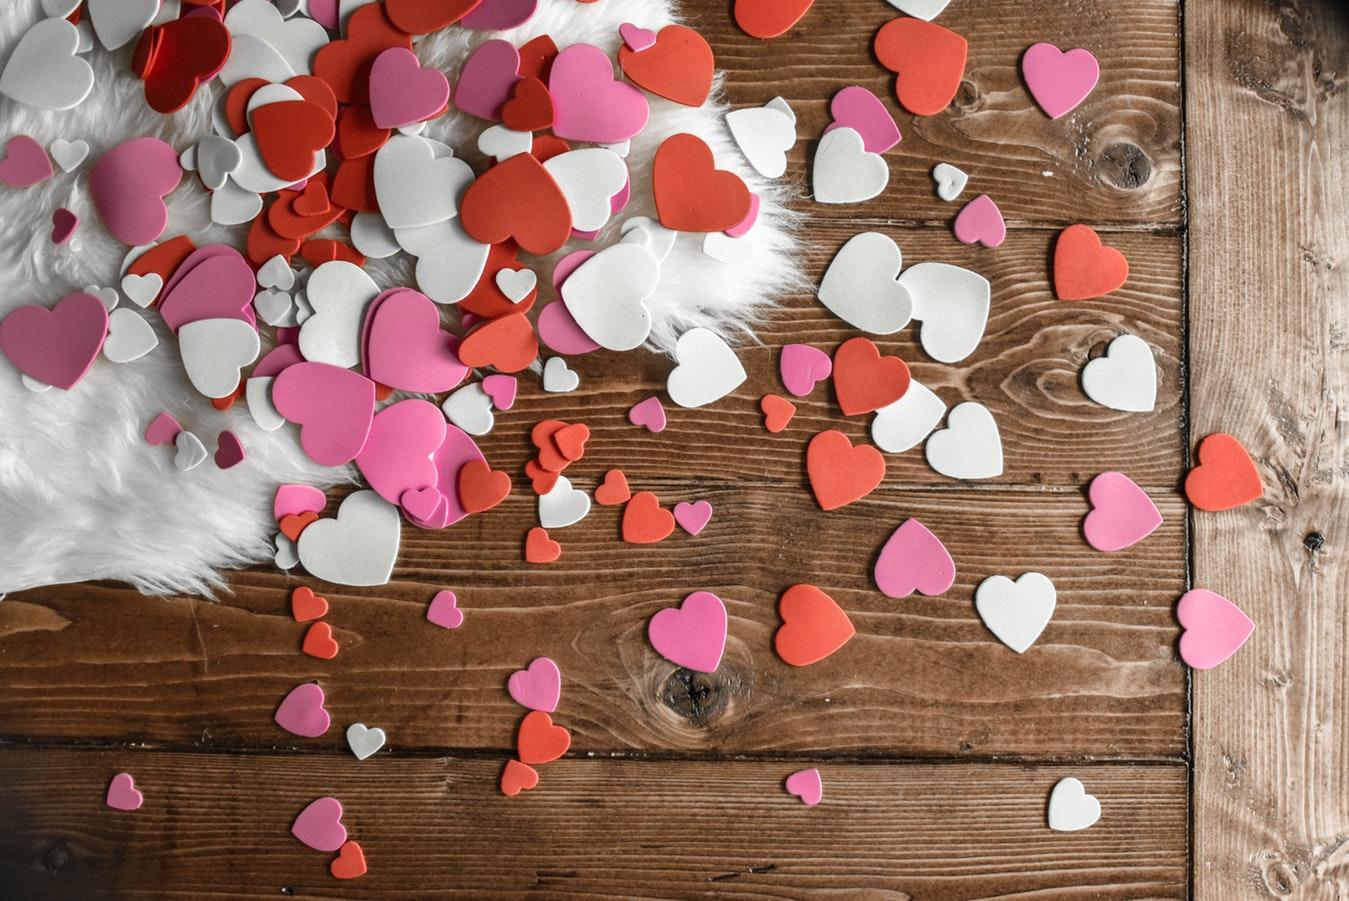 Gif d'amore animate: le più divertenti